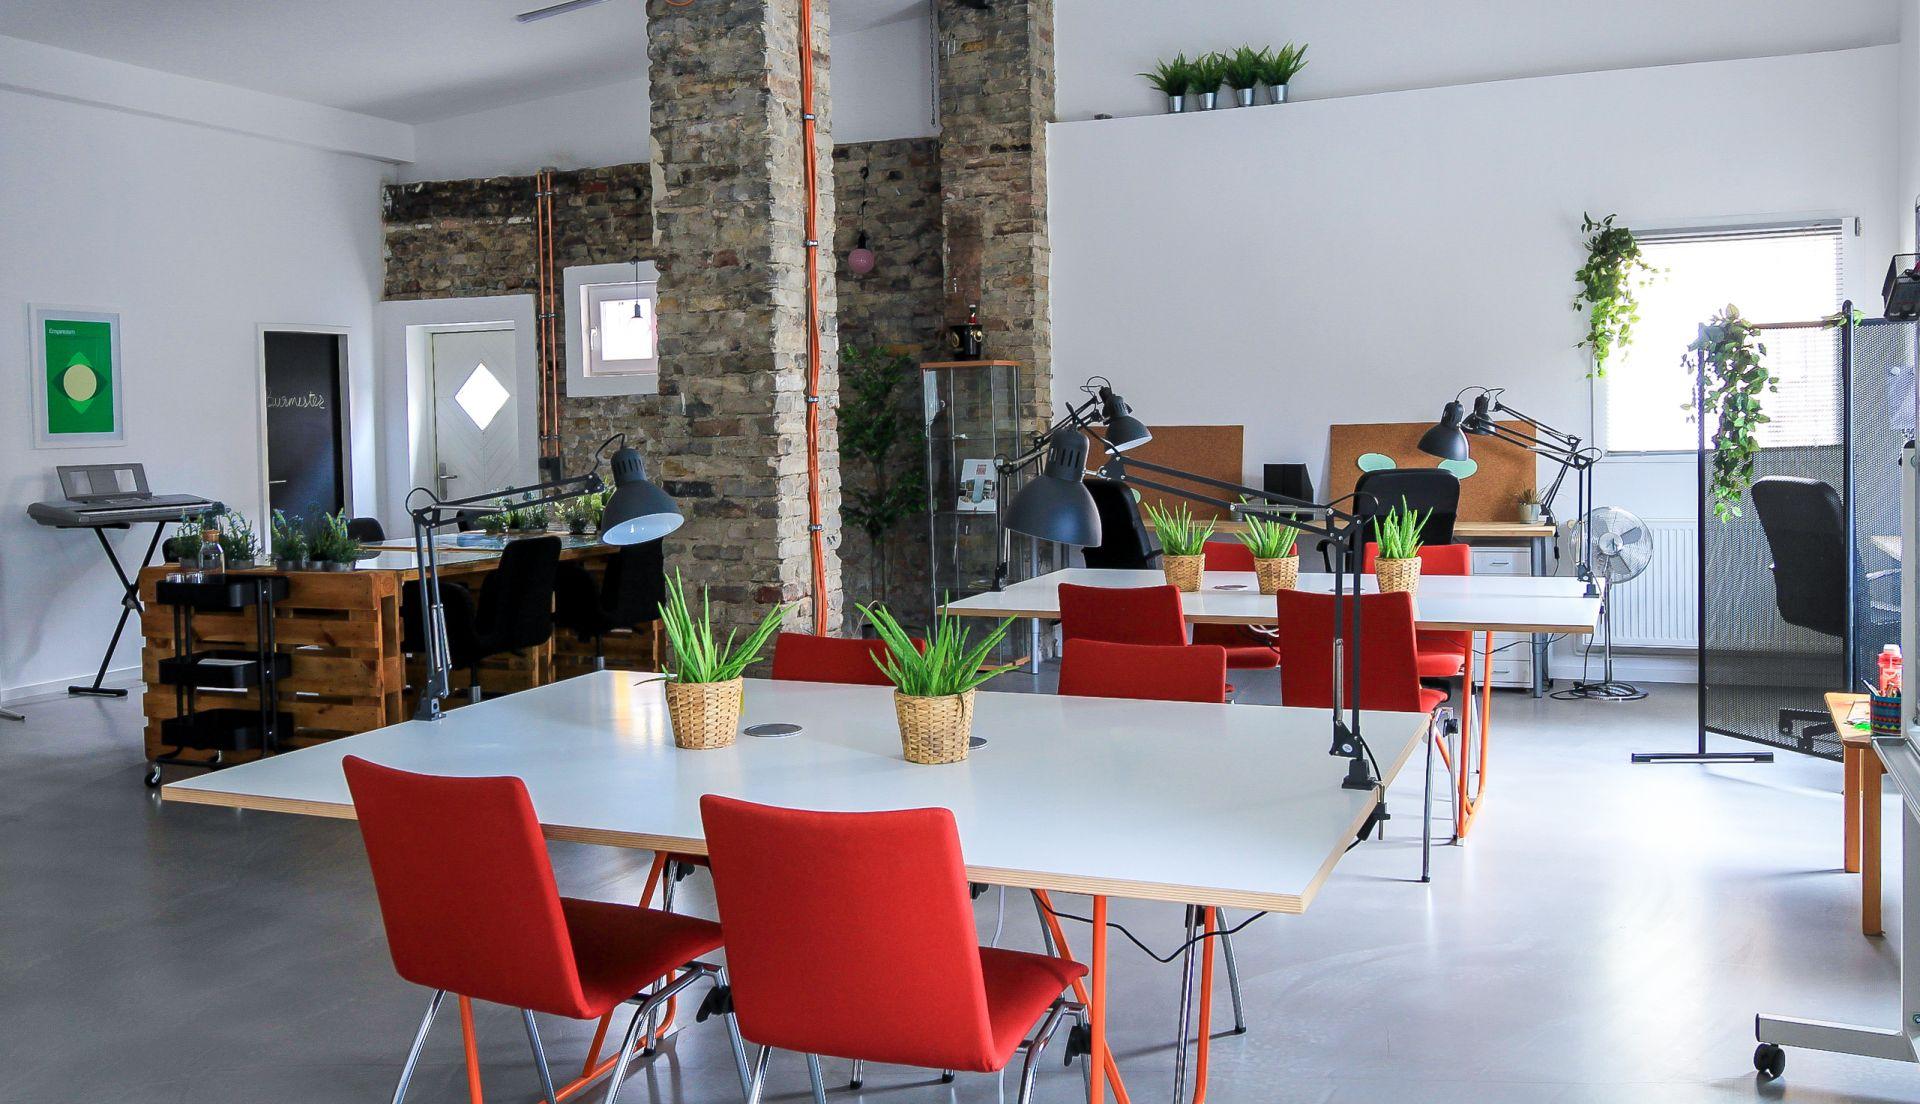 engelnest coworking, Berlin